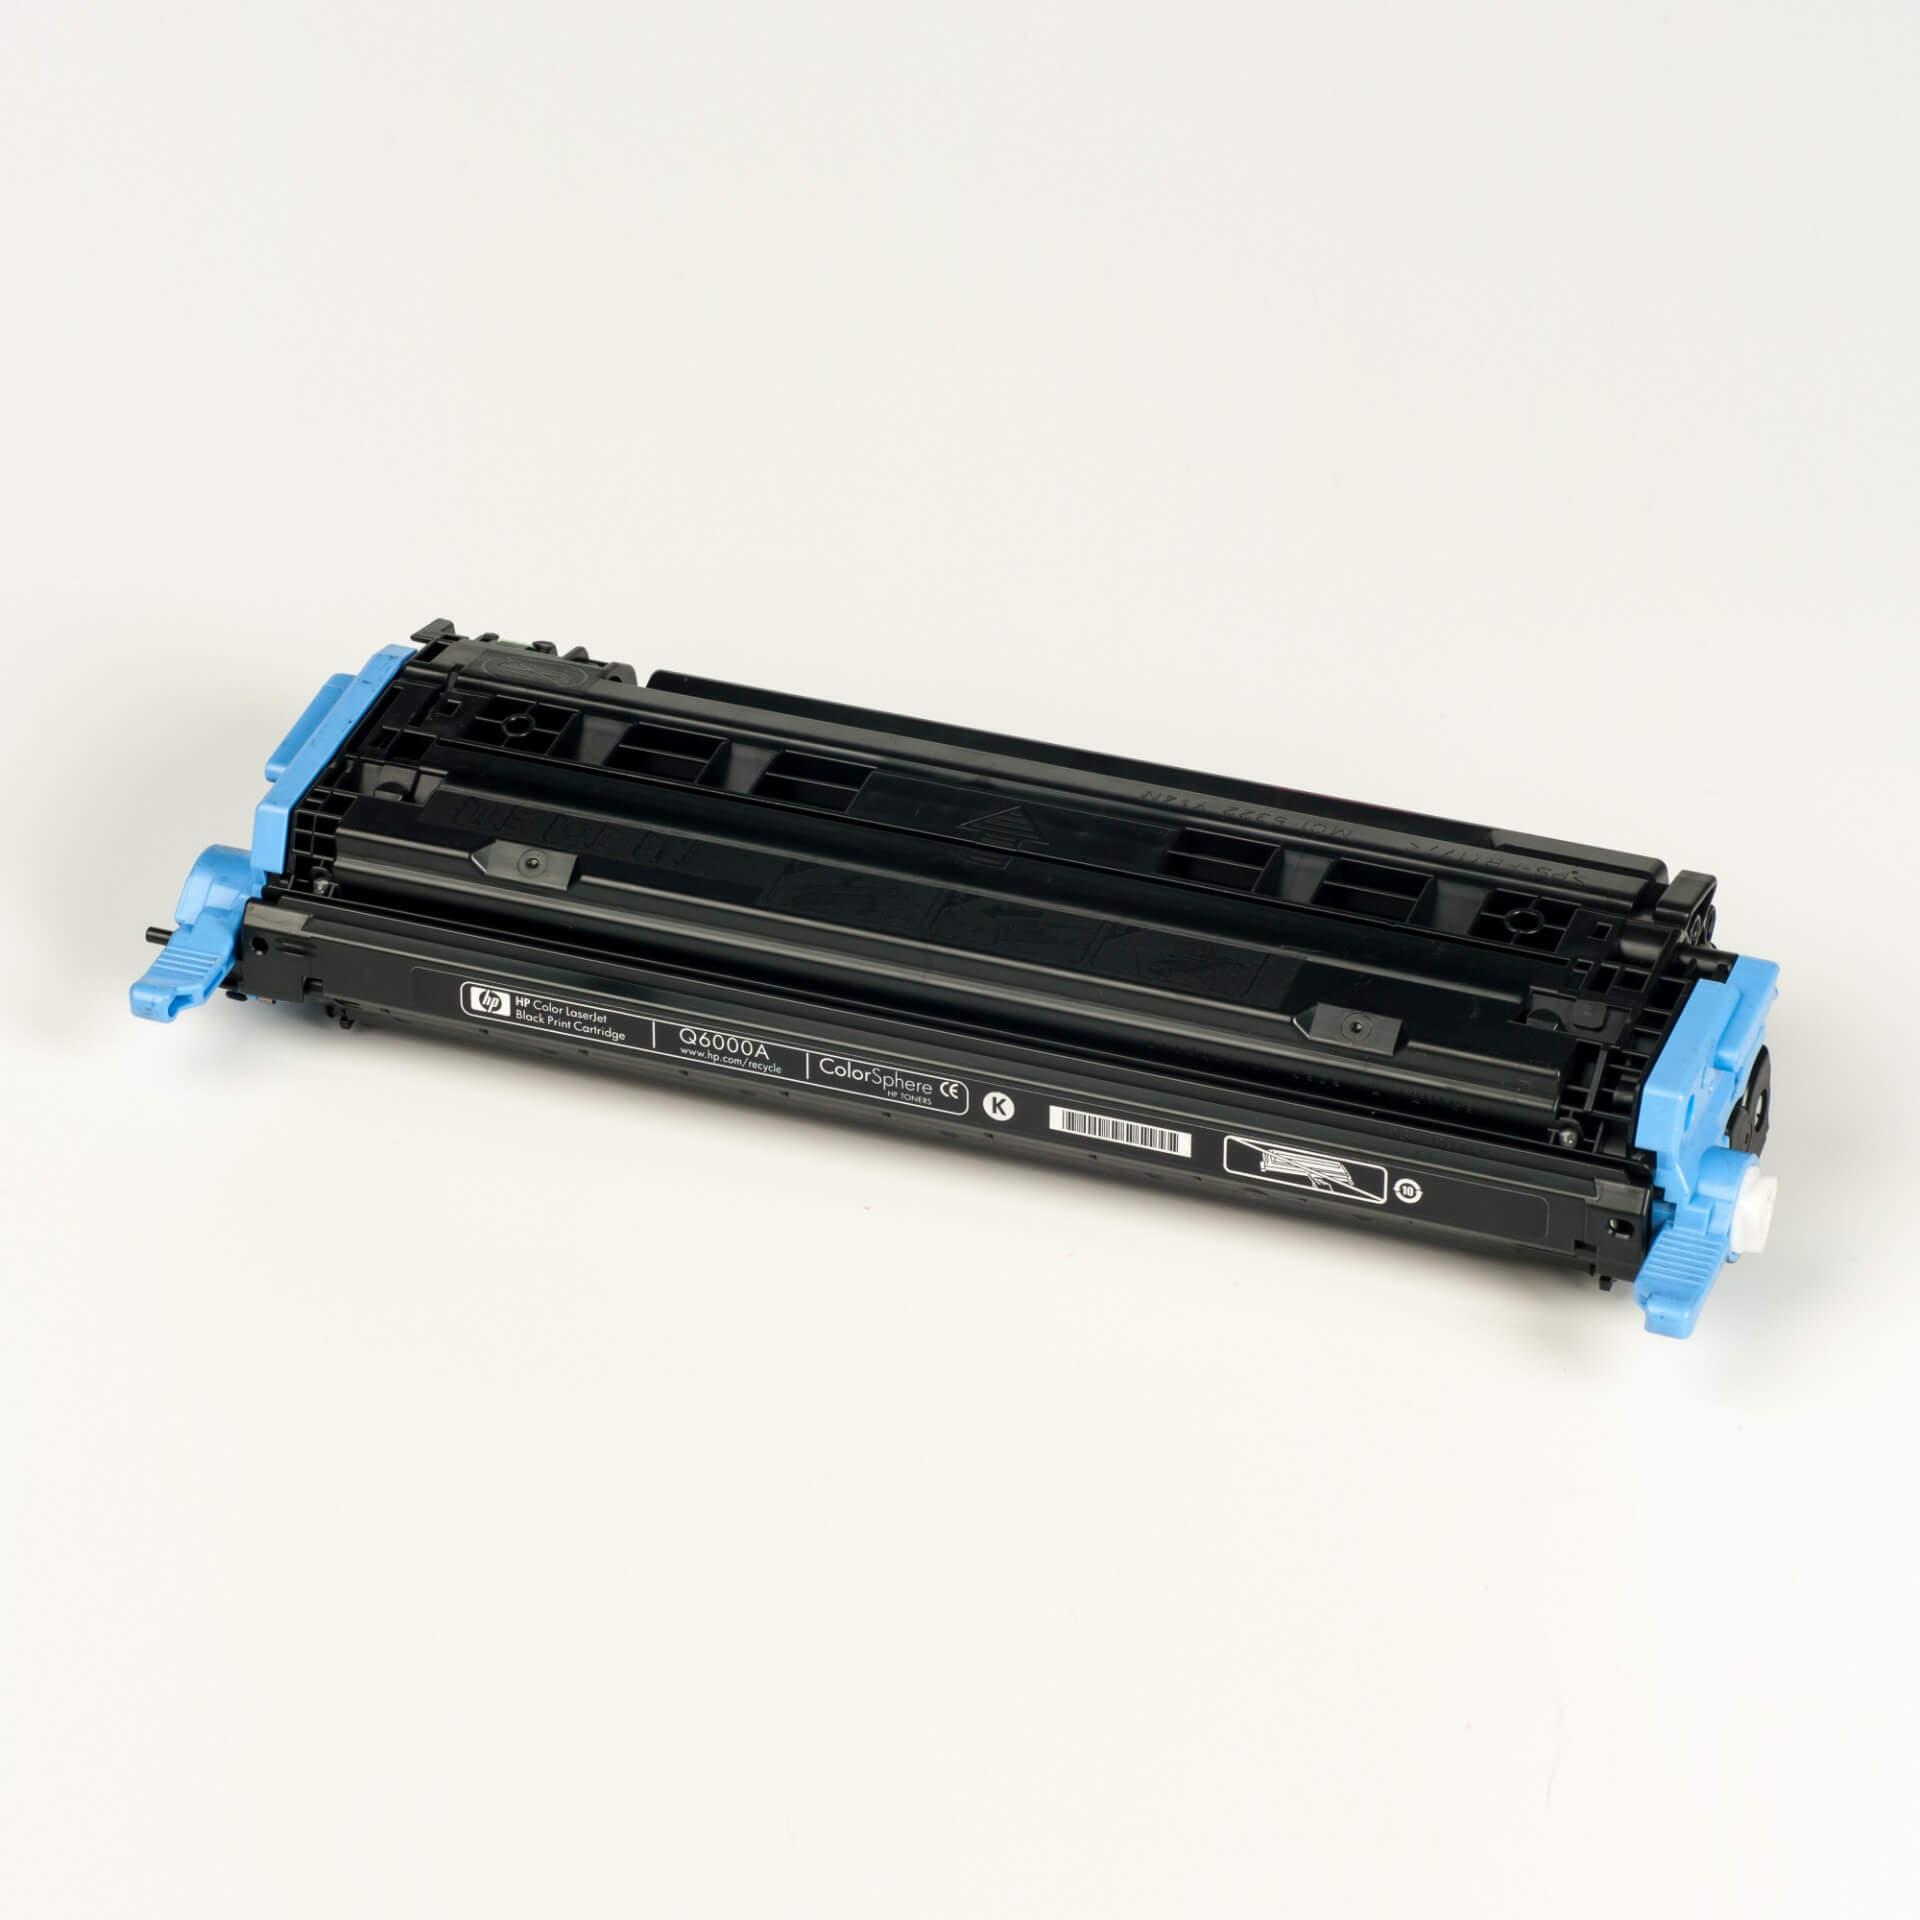 Auf dem Bild sehen Sie eine HP 124A (Q6000A) Schwarz Original Tonerkartusche